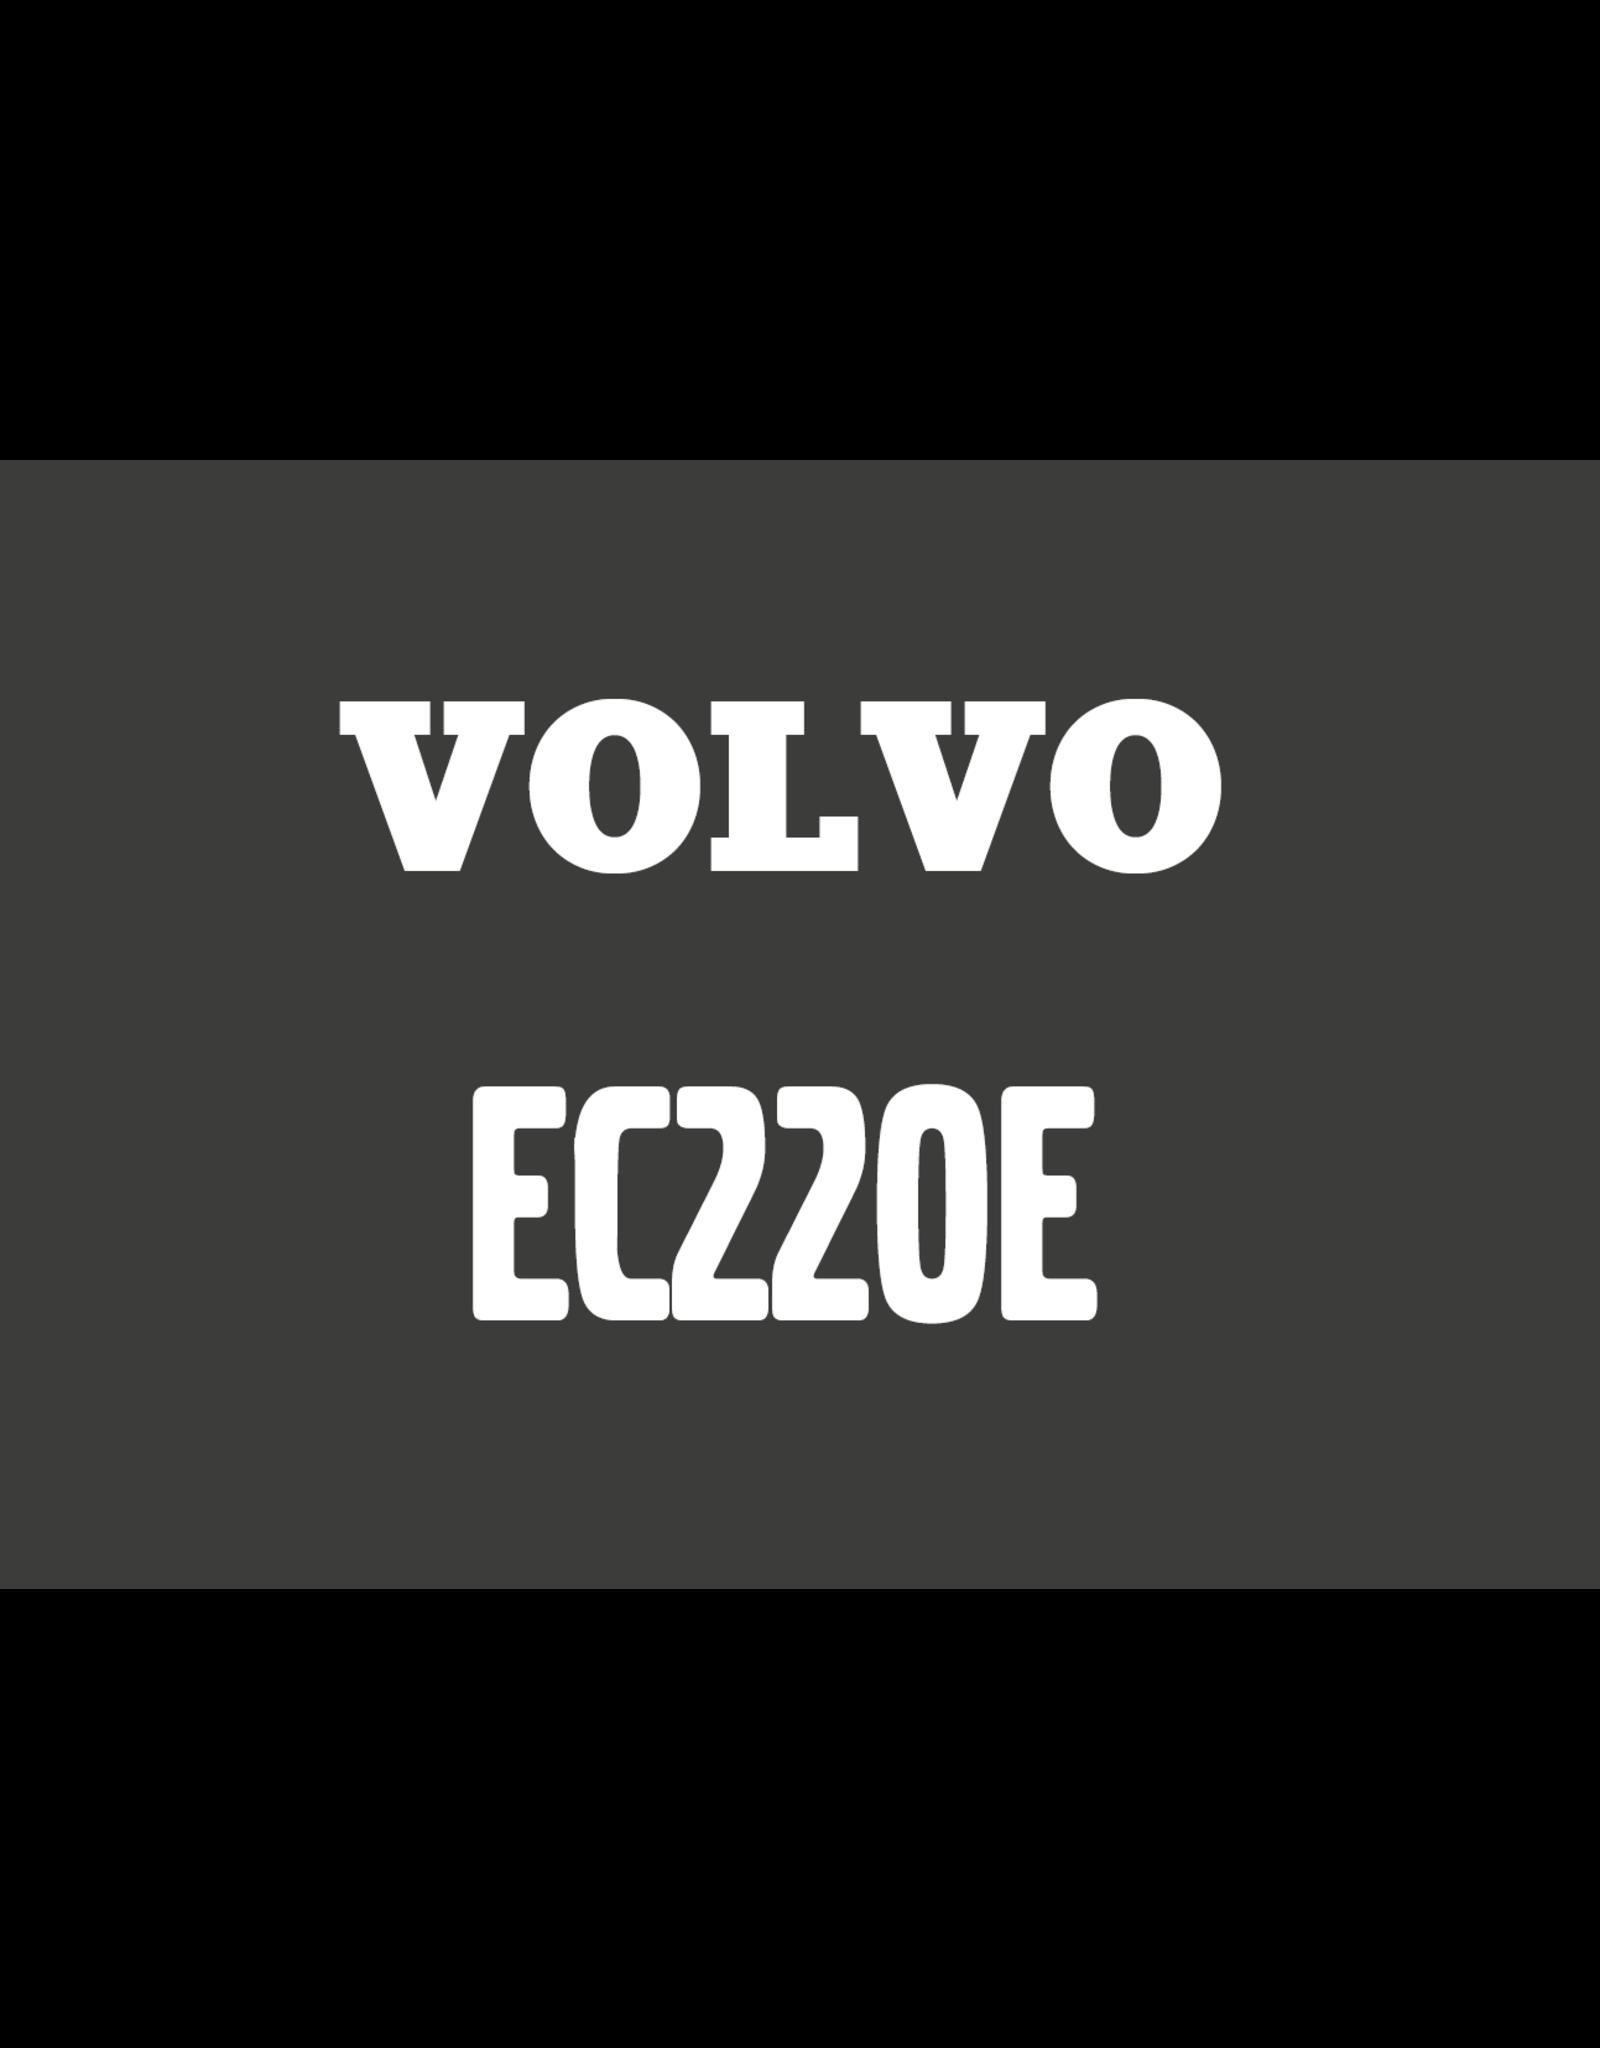 Echle Hartstahl GmbH FOPS pour Volvo EC220E